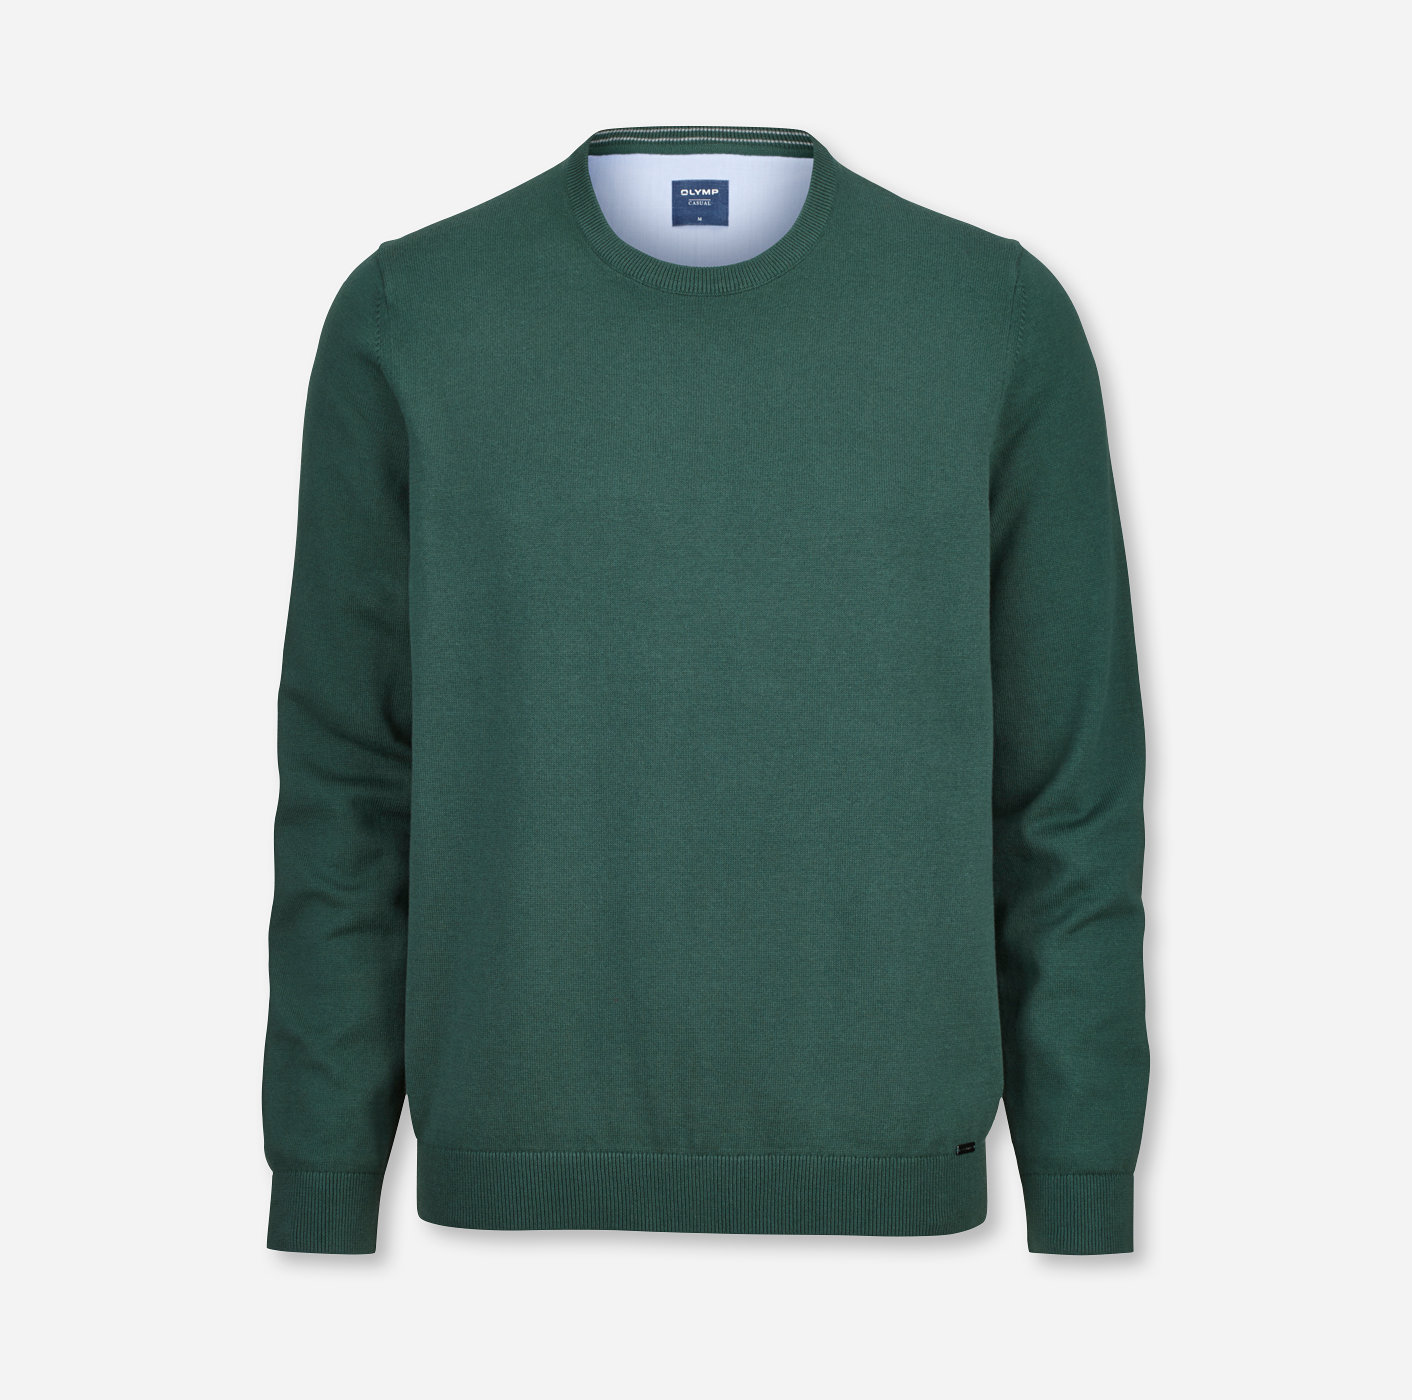 OLYMP Strick modern fit Pullover Rundhals Grün 01601145